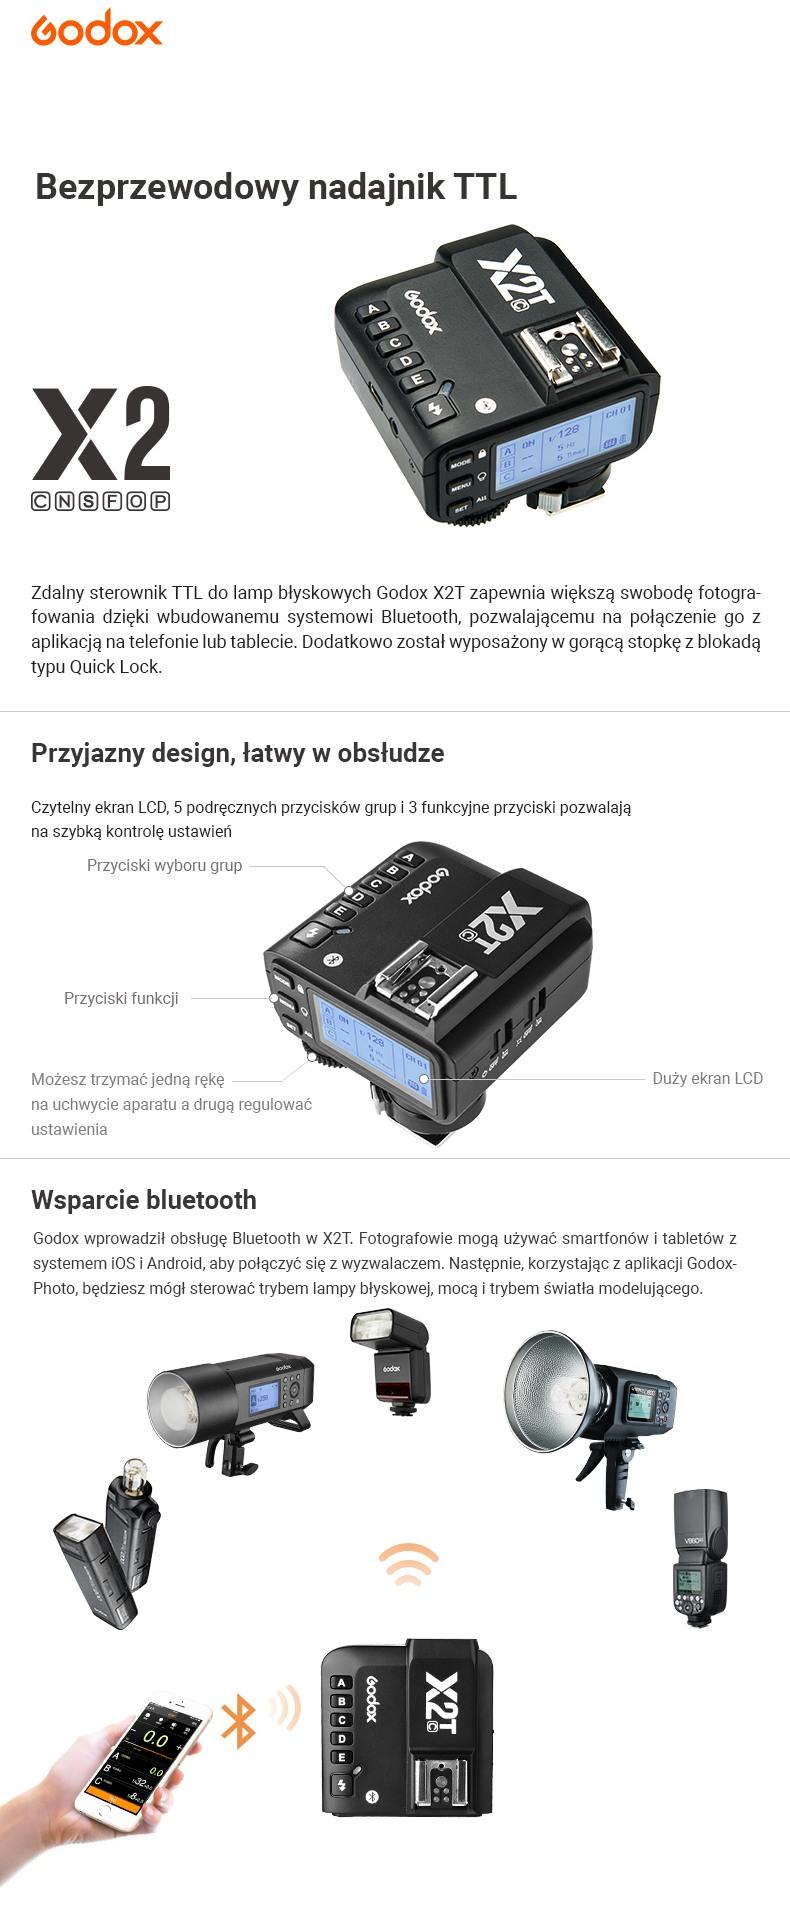 Godox Bezprzewodowy nadajnik TTL X2 pasuje do Canon, Nikon, Sony, Fujifilm, Olympus, Panasonic. Przyjazny design i łatwy w obsłudze. Wsparcie Bluetooth.